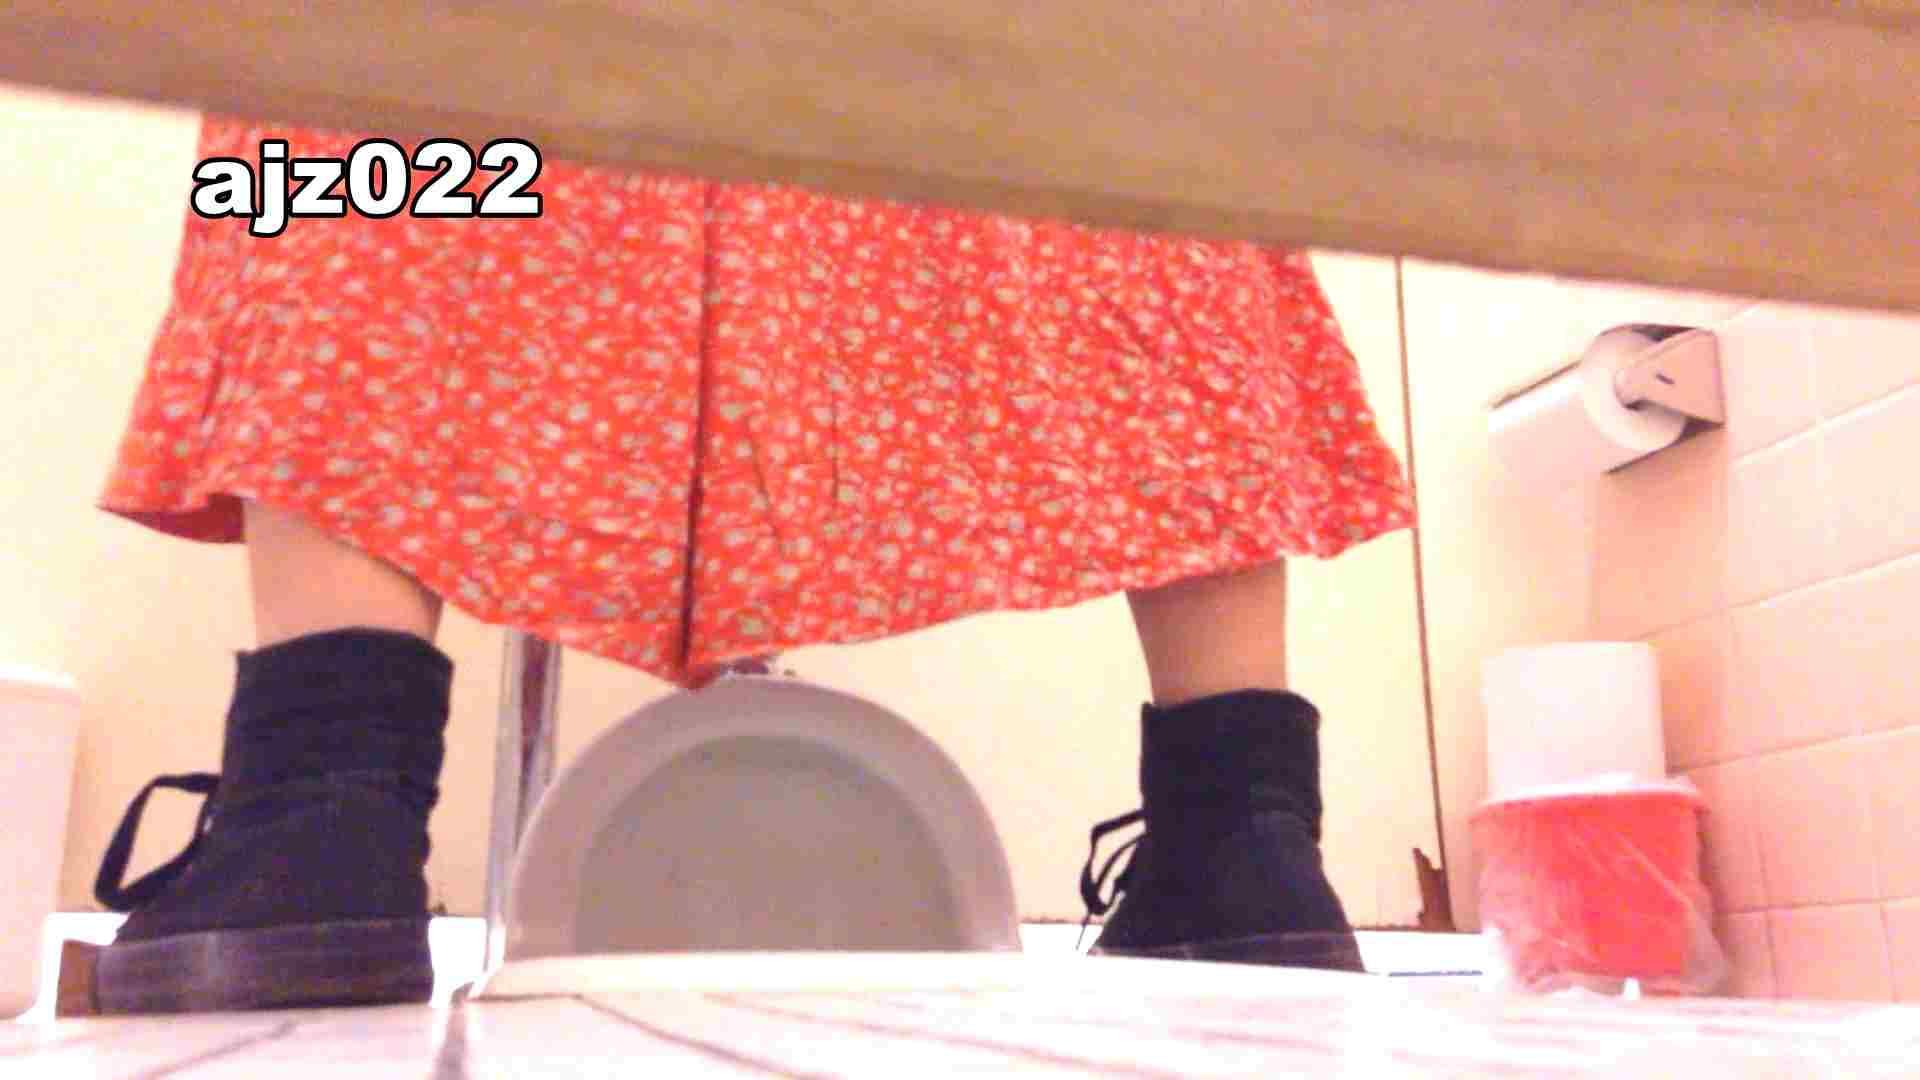 某有名大学女性洗面所 vol.22 和式トイレ ワレメ無修正動画無料 107pic 3